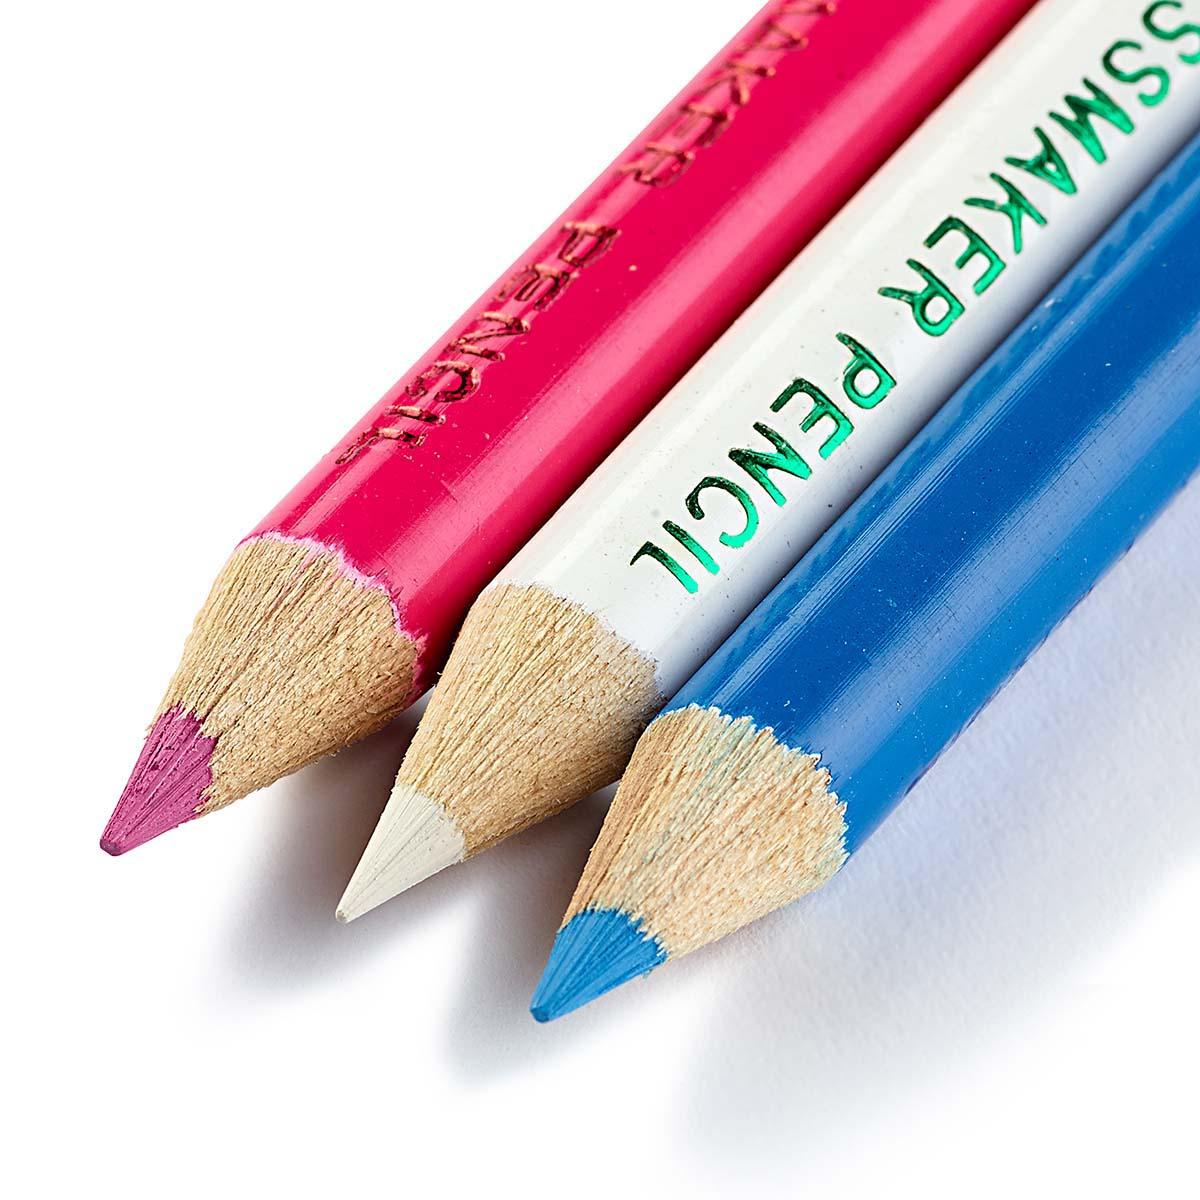 611625 Меловые карандаши 11см белый/белый Prym